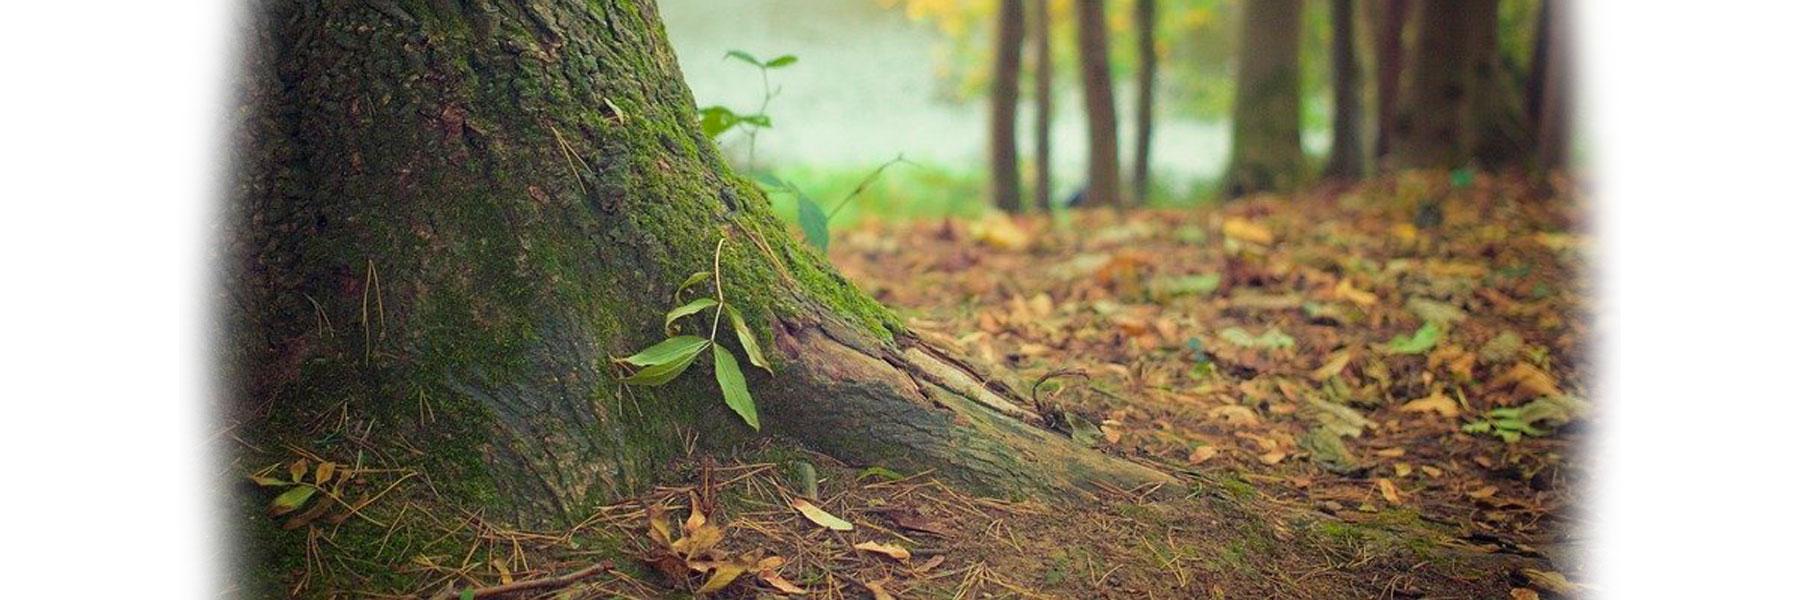 Plant d'arbre à truffe